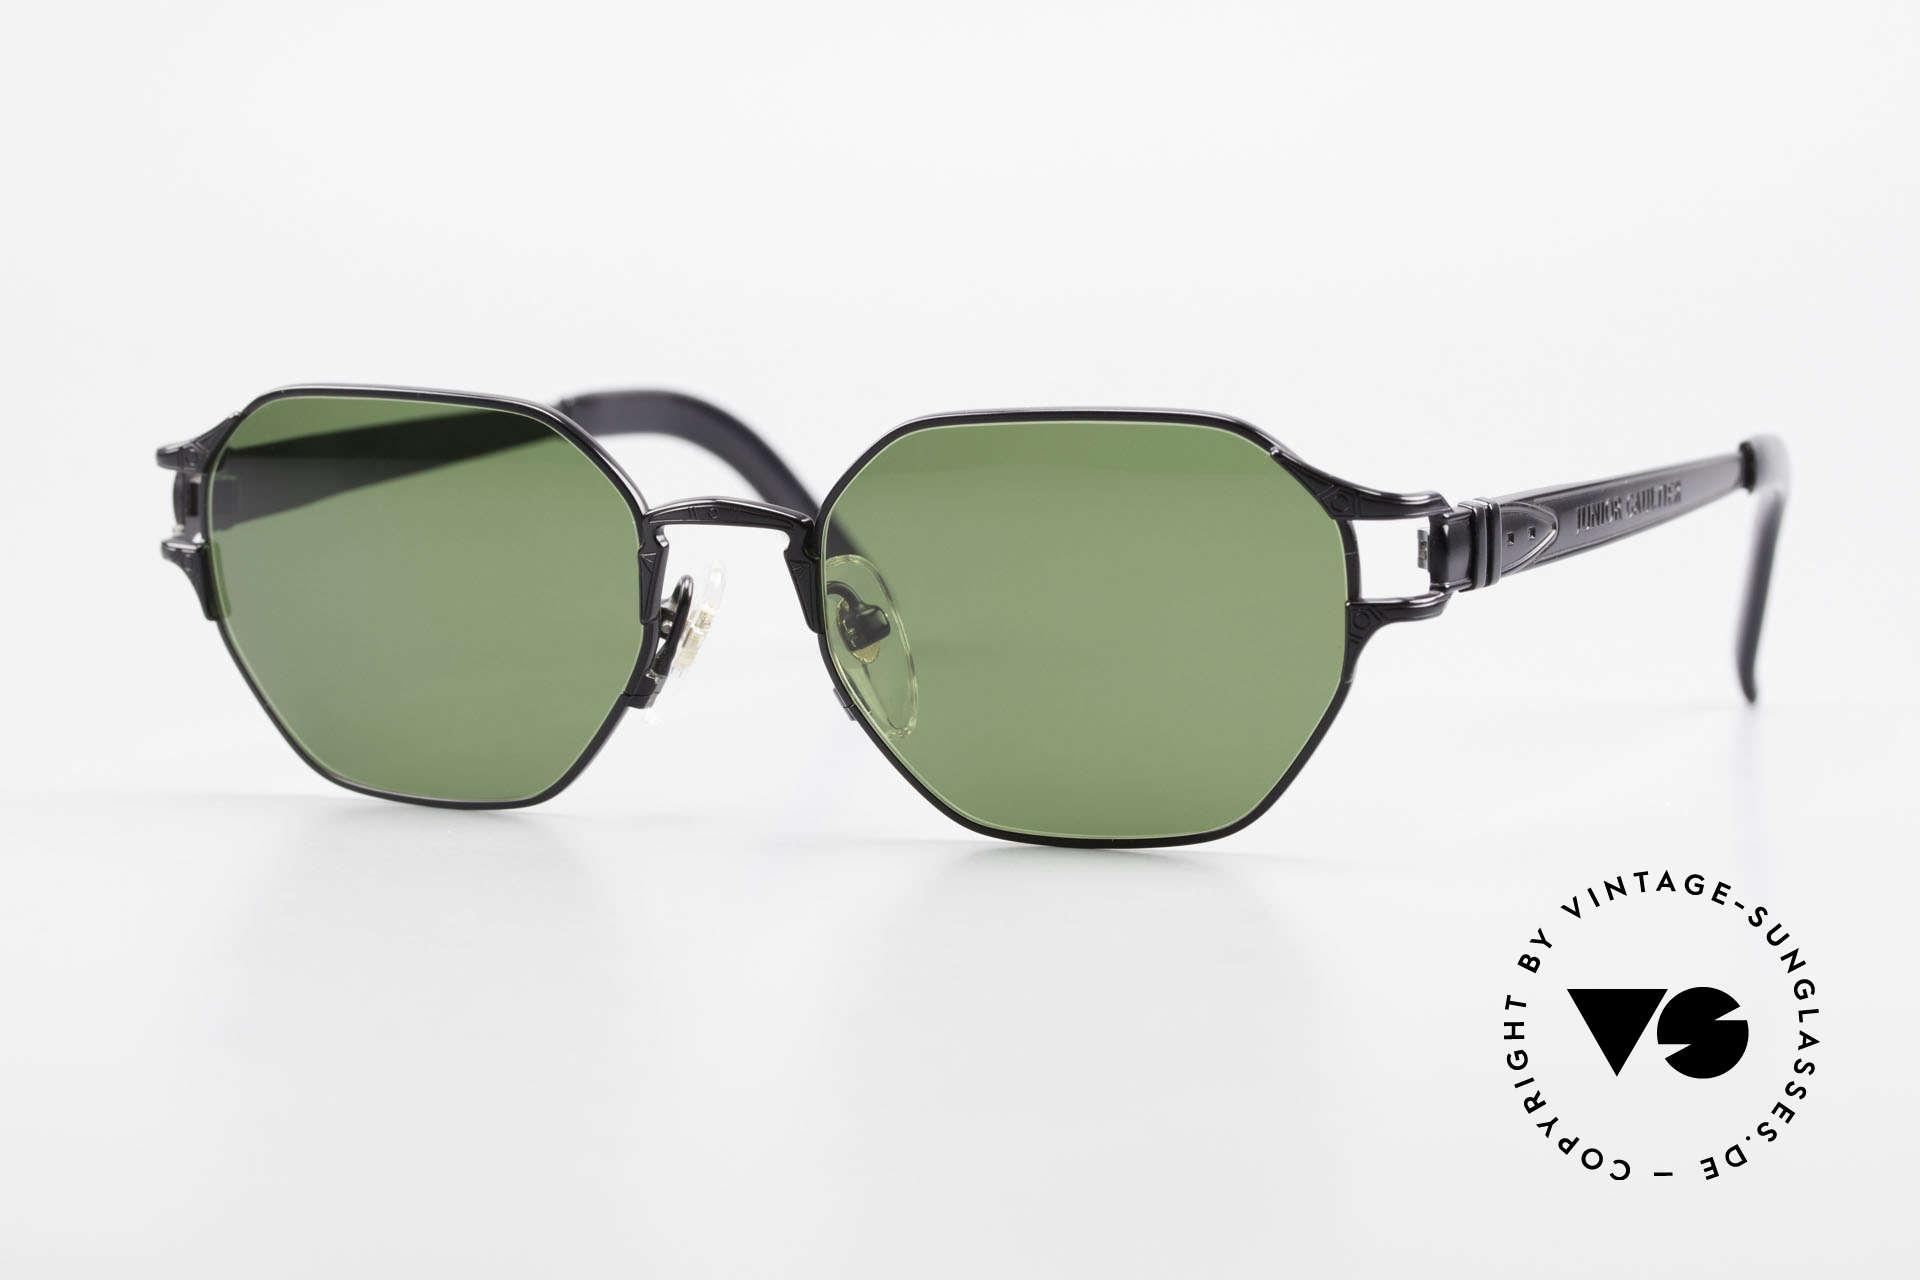 Jean Paul Gaultier 58-4173 Eckige JPG 90er Designerbrille, vintage Designersonnenbrille von J.P.Gaultier, Passend für Herren und Damen